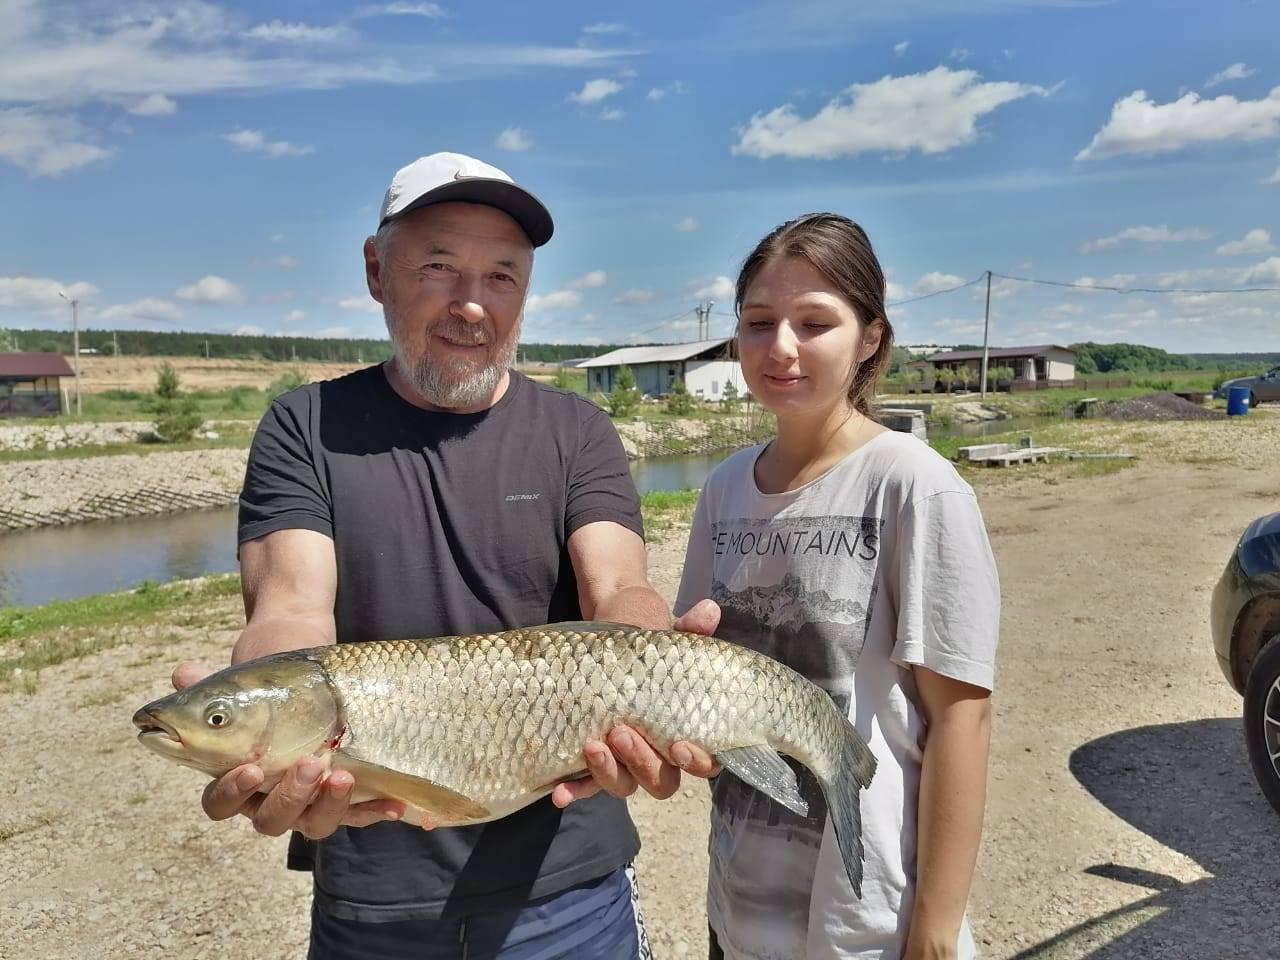 Рыбалка в волгограде. платные пруды в волгограде для рыбалки. куда поехать на рыбалку в волгограде